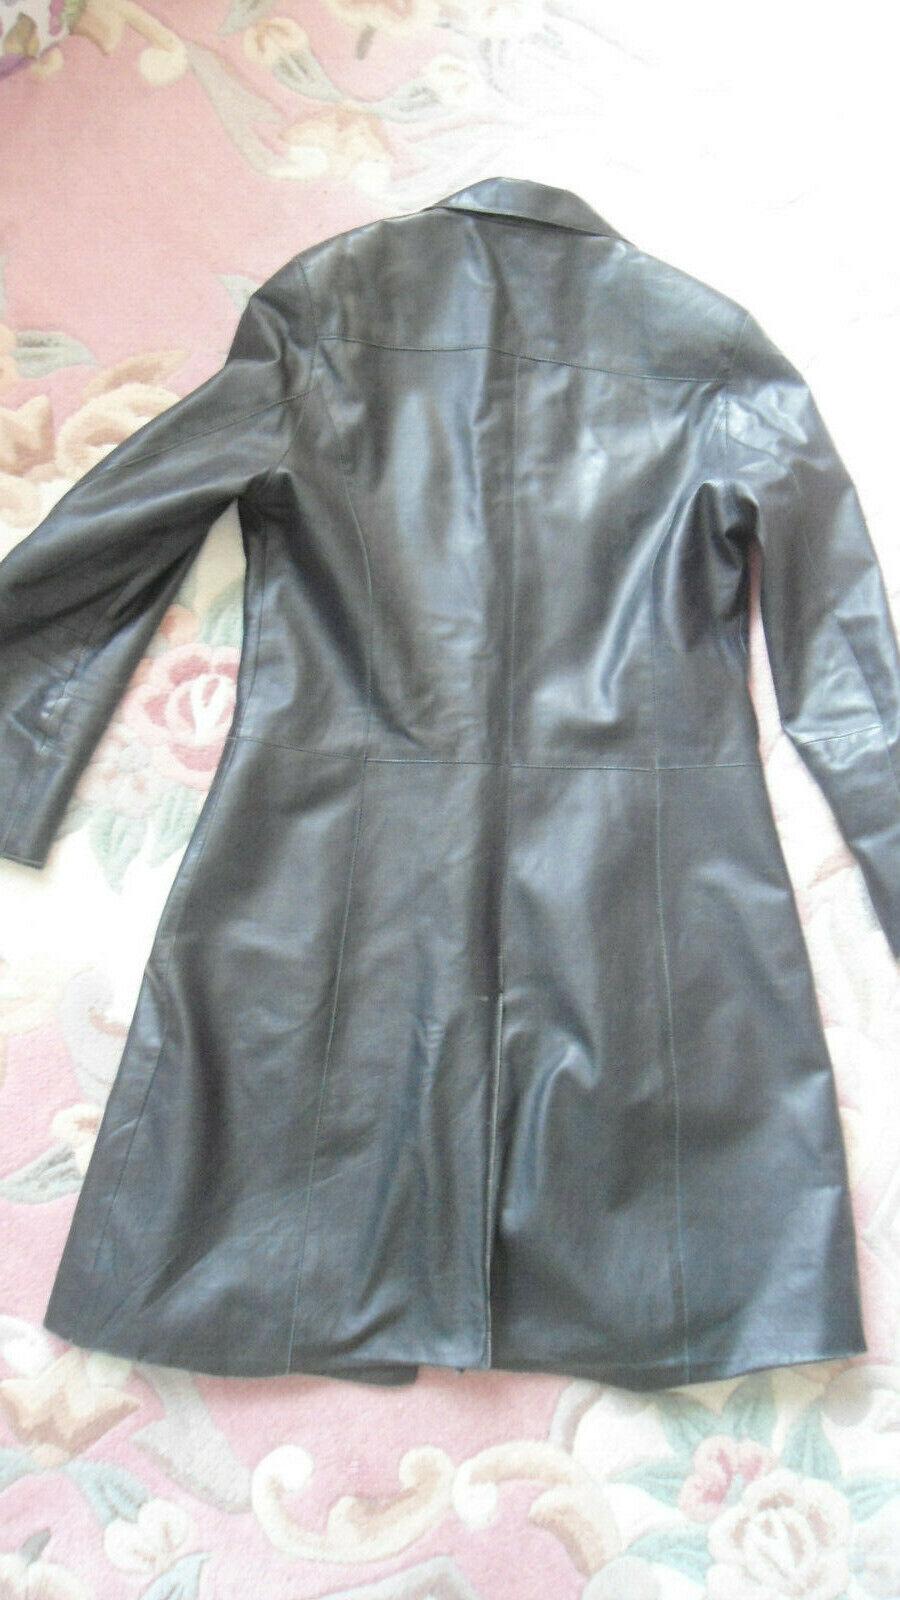 Luxus Luxus Luxus Ledermantel Mantel Designer Me by Milestone schwarz Gr. 38   Mama kaufte ein bequemes, Baby ist glücklich    Charmantes Design  1a1ab2